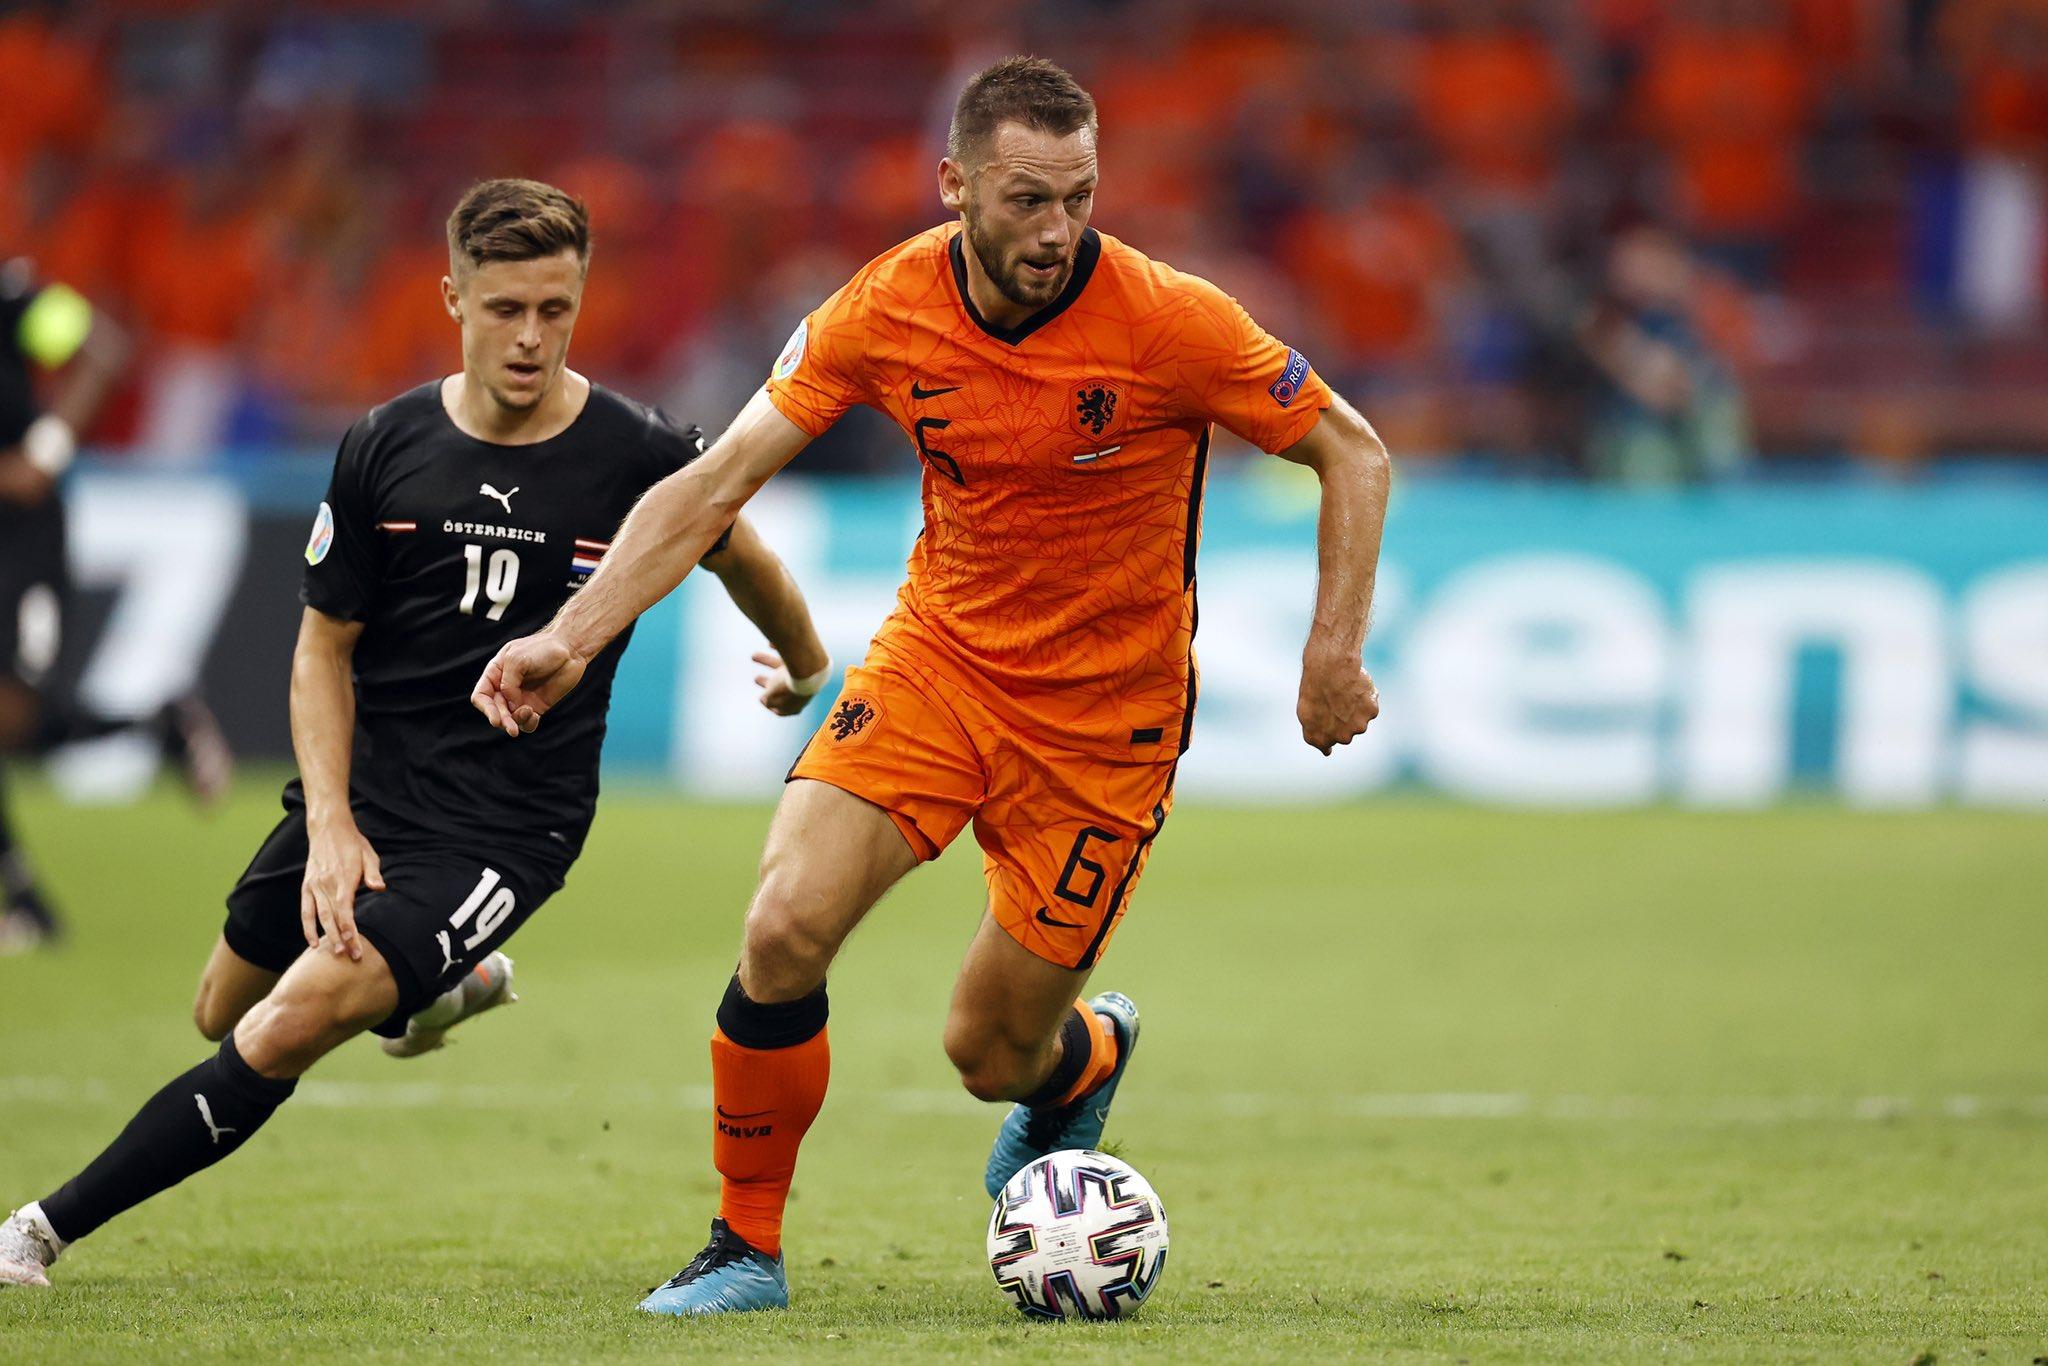 De Vrij cải thiện rõ rệt tâm lý thi đấu nhờ sự trợ giúp từ các chuyên gia tâm lý. Ảnh: KNVB